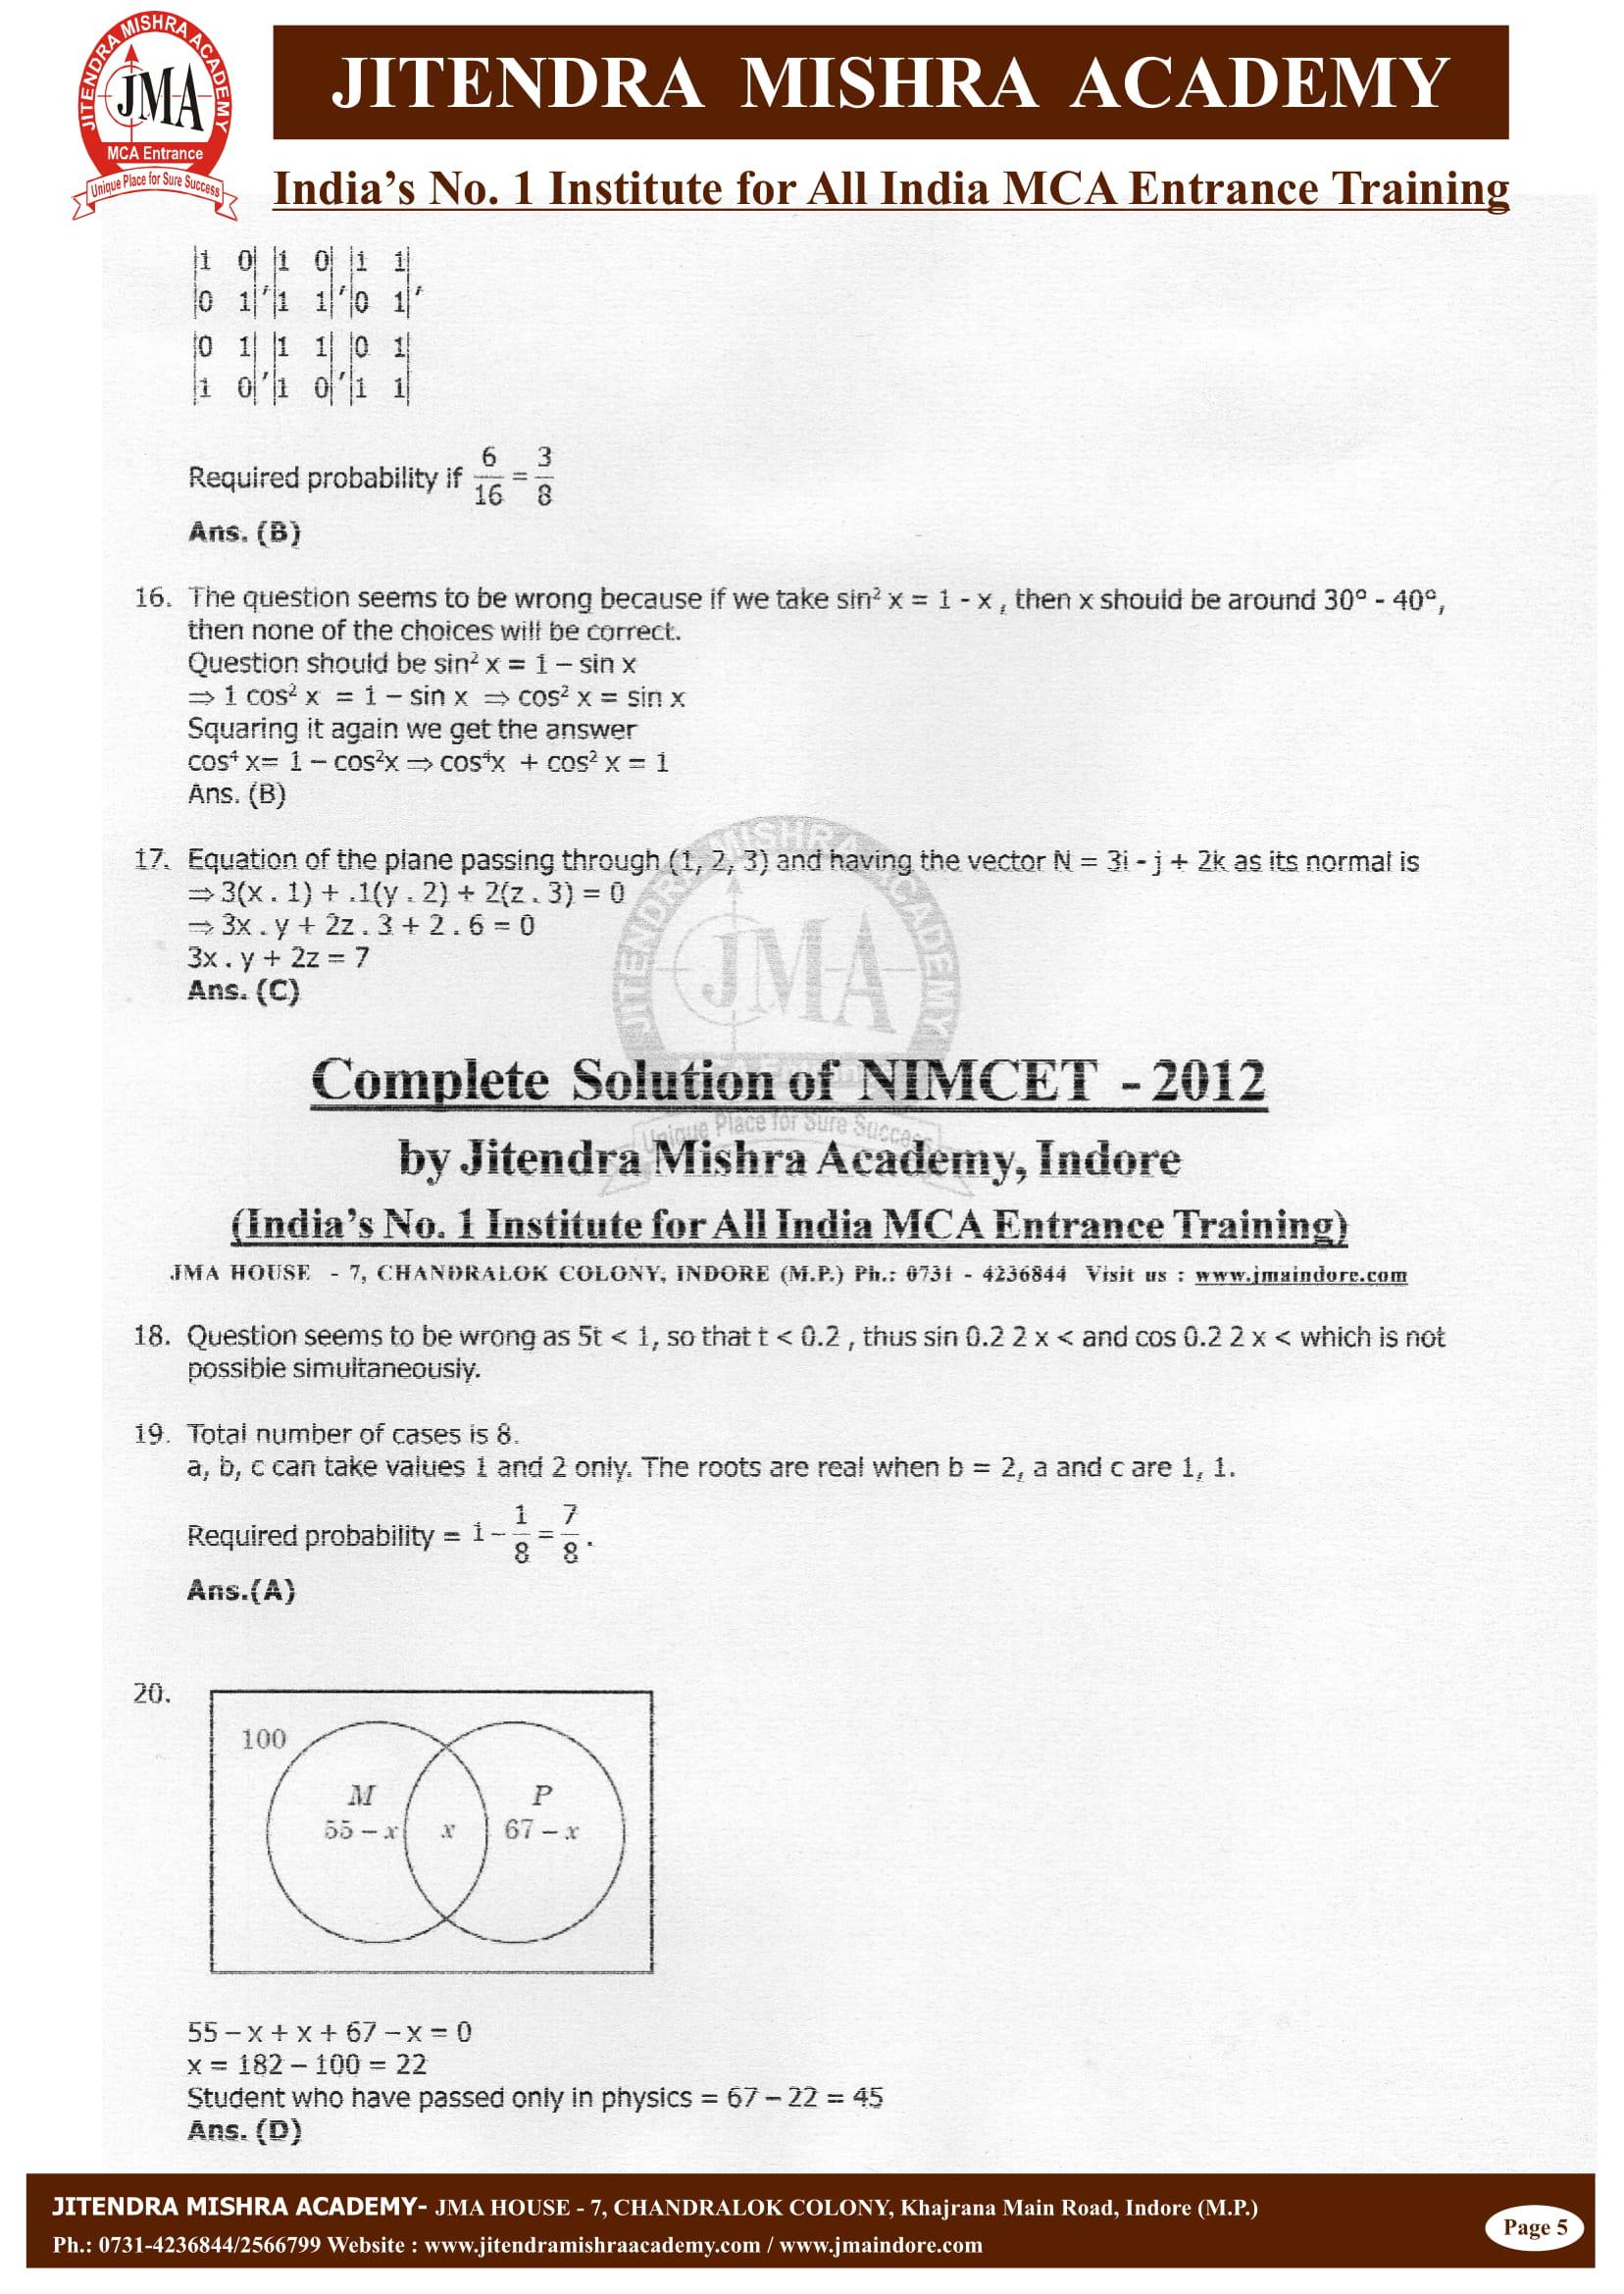 NIMCET - 2012 (SOLUTION)-05